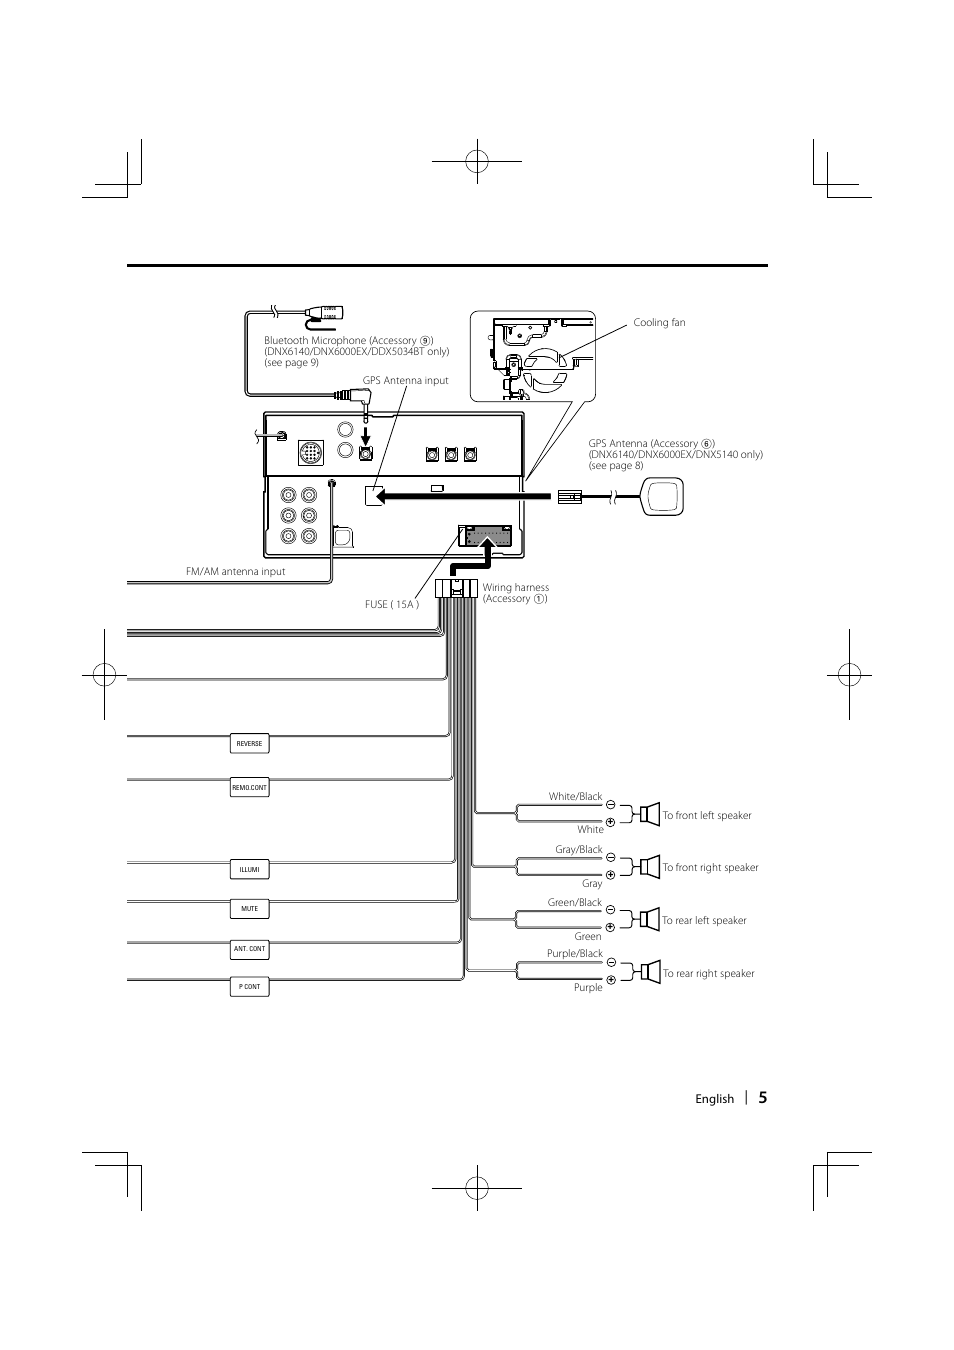 kenwood ddx7015 wiring diagram kenwood amp wiring diagram  kenwood dnx6140 wiring diagram #7